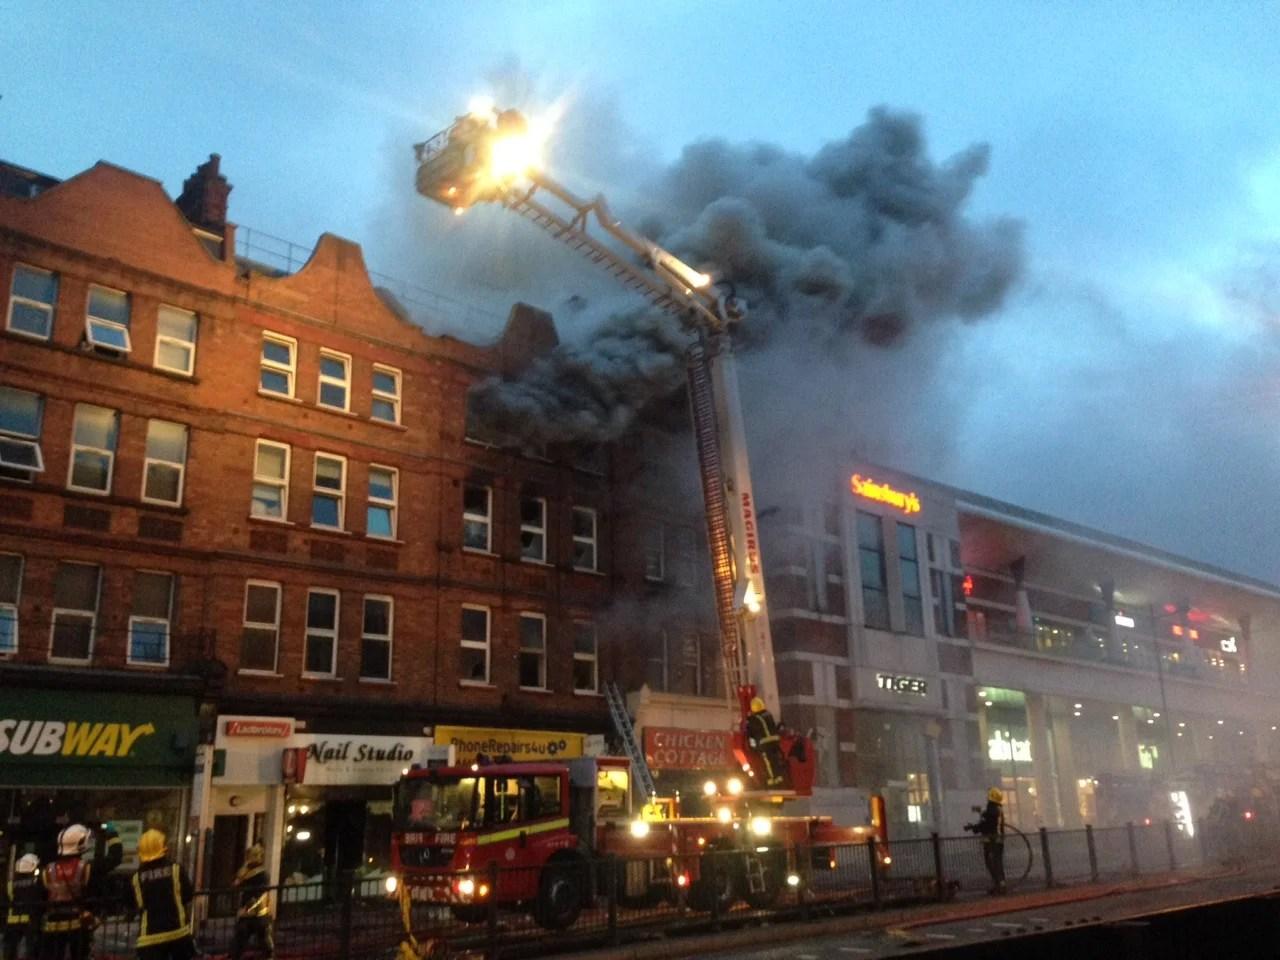 Finchley Road fire Dozens of firefighters battle blaze